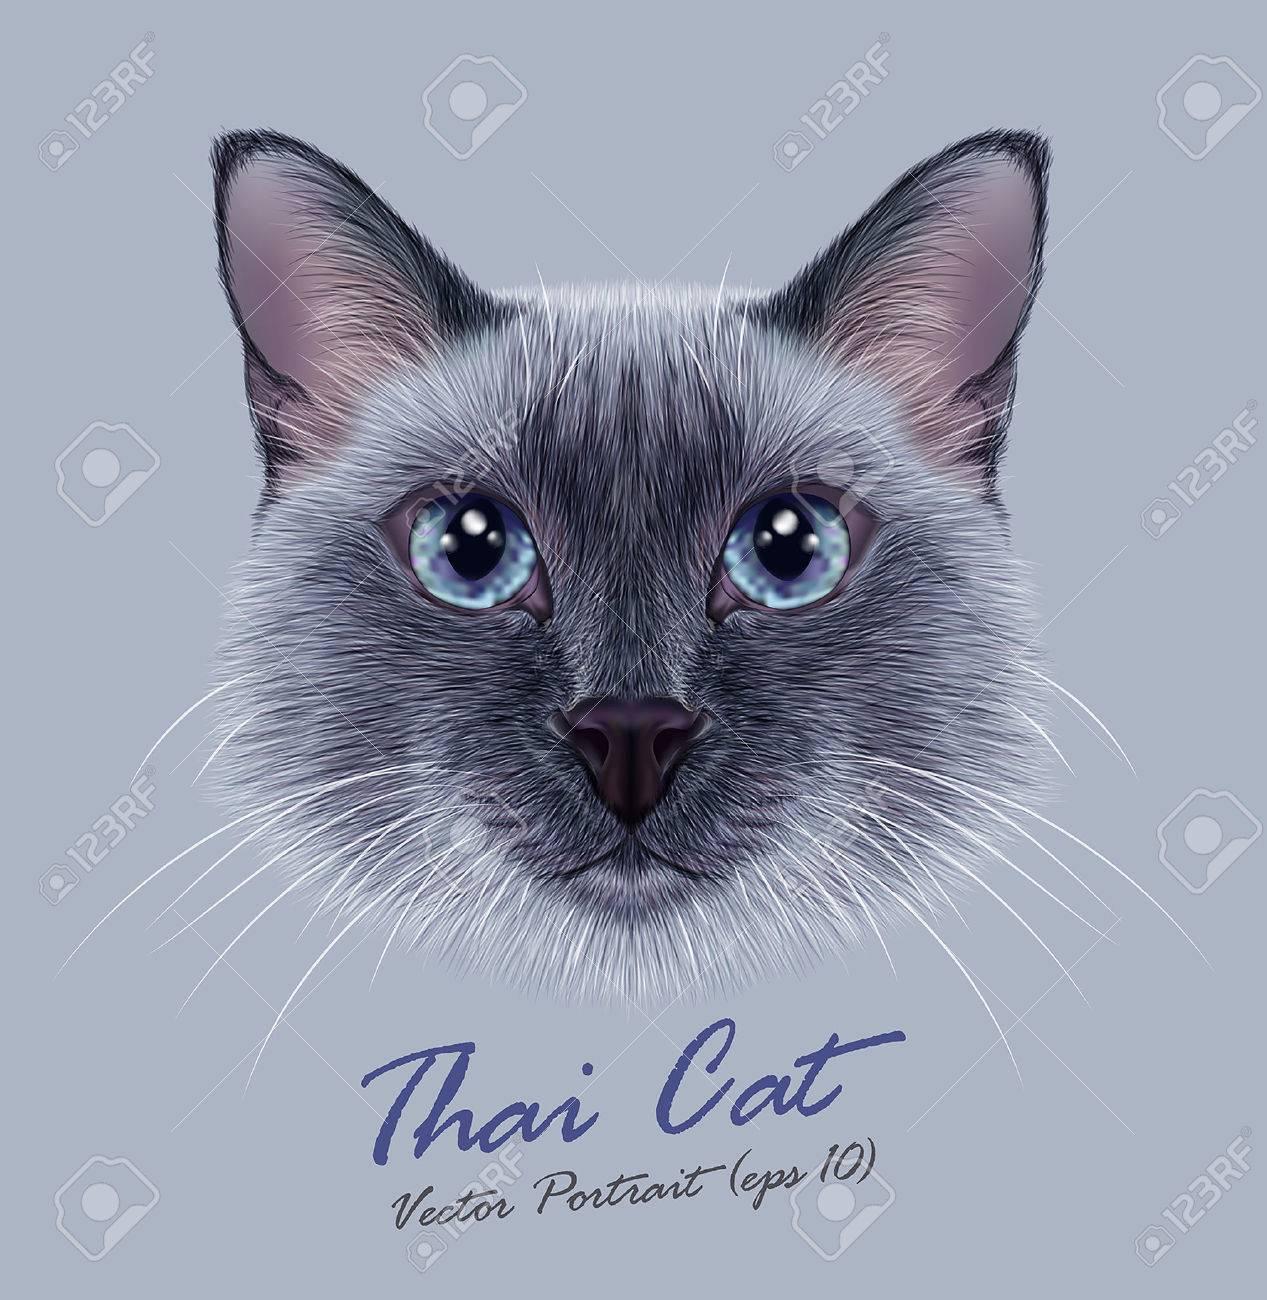 タイ猫のベクター イラスト肖像画かわいいブルー ポイント伝統的な